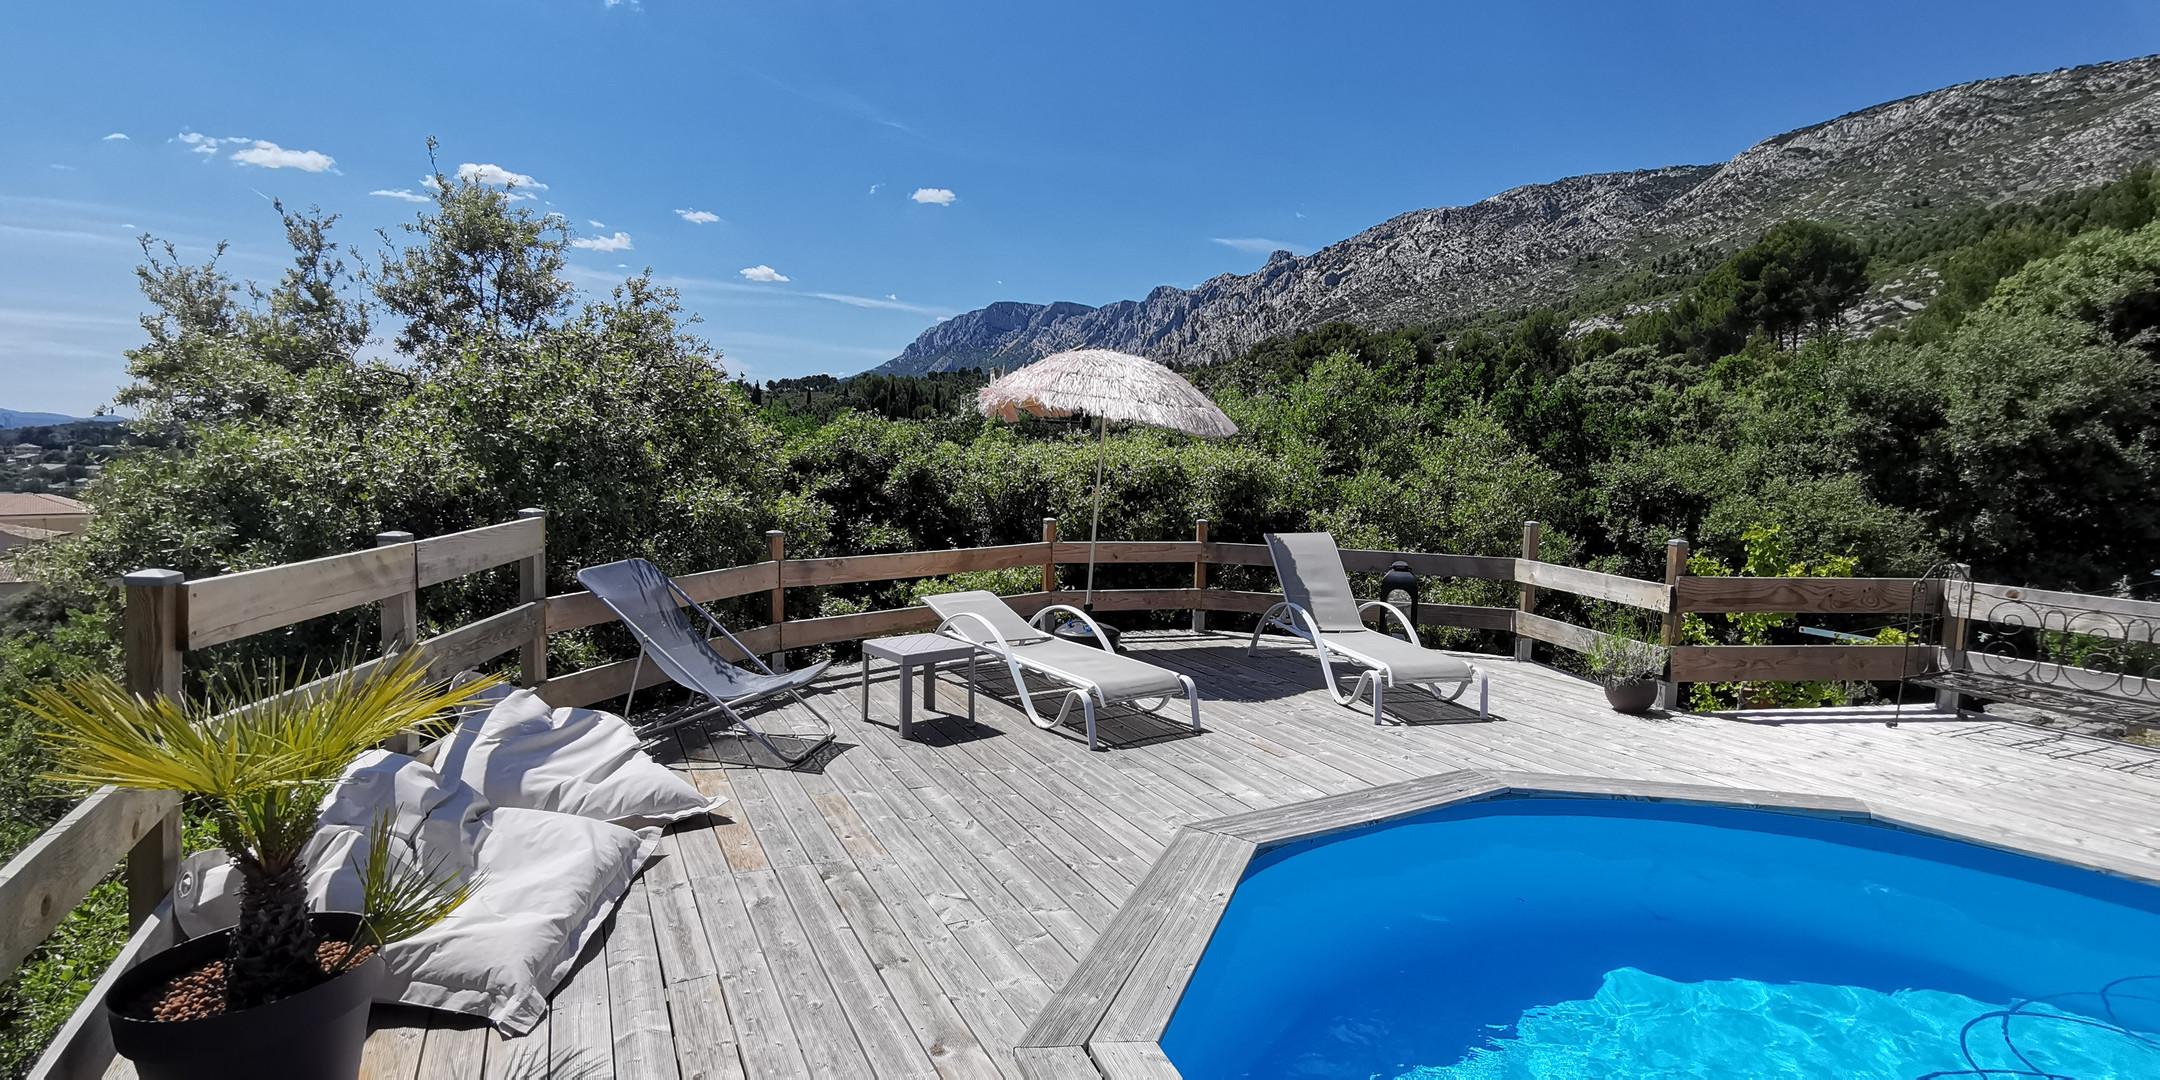 bains de soleil et piscine